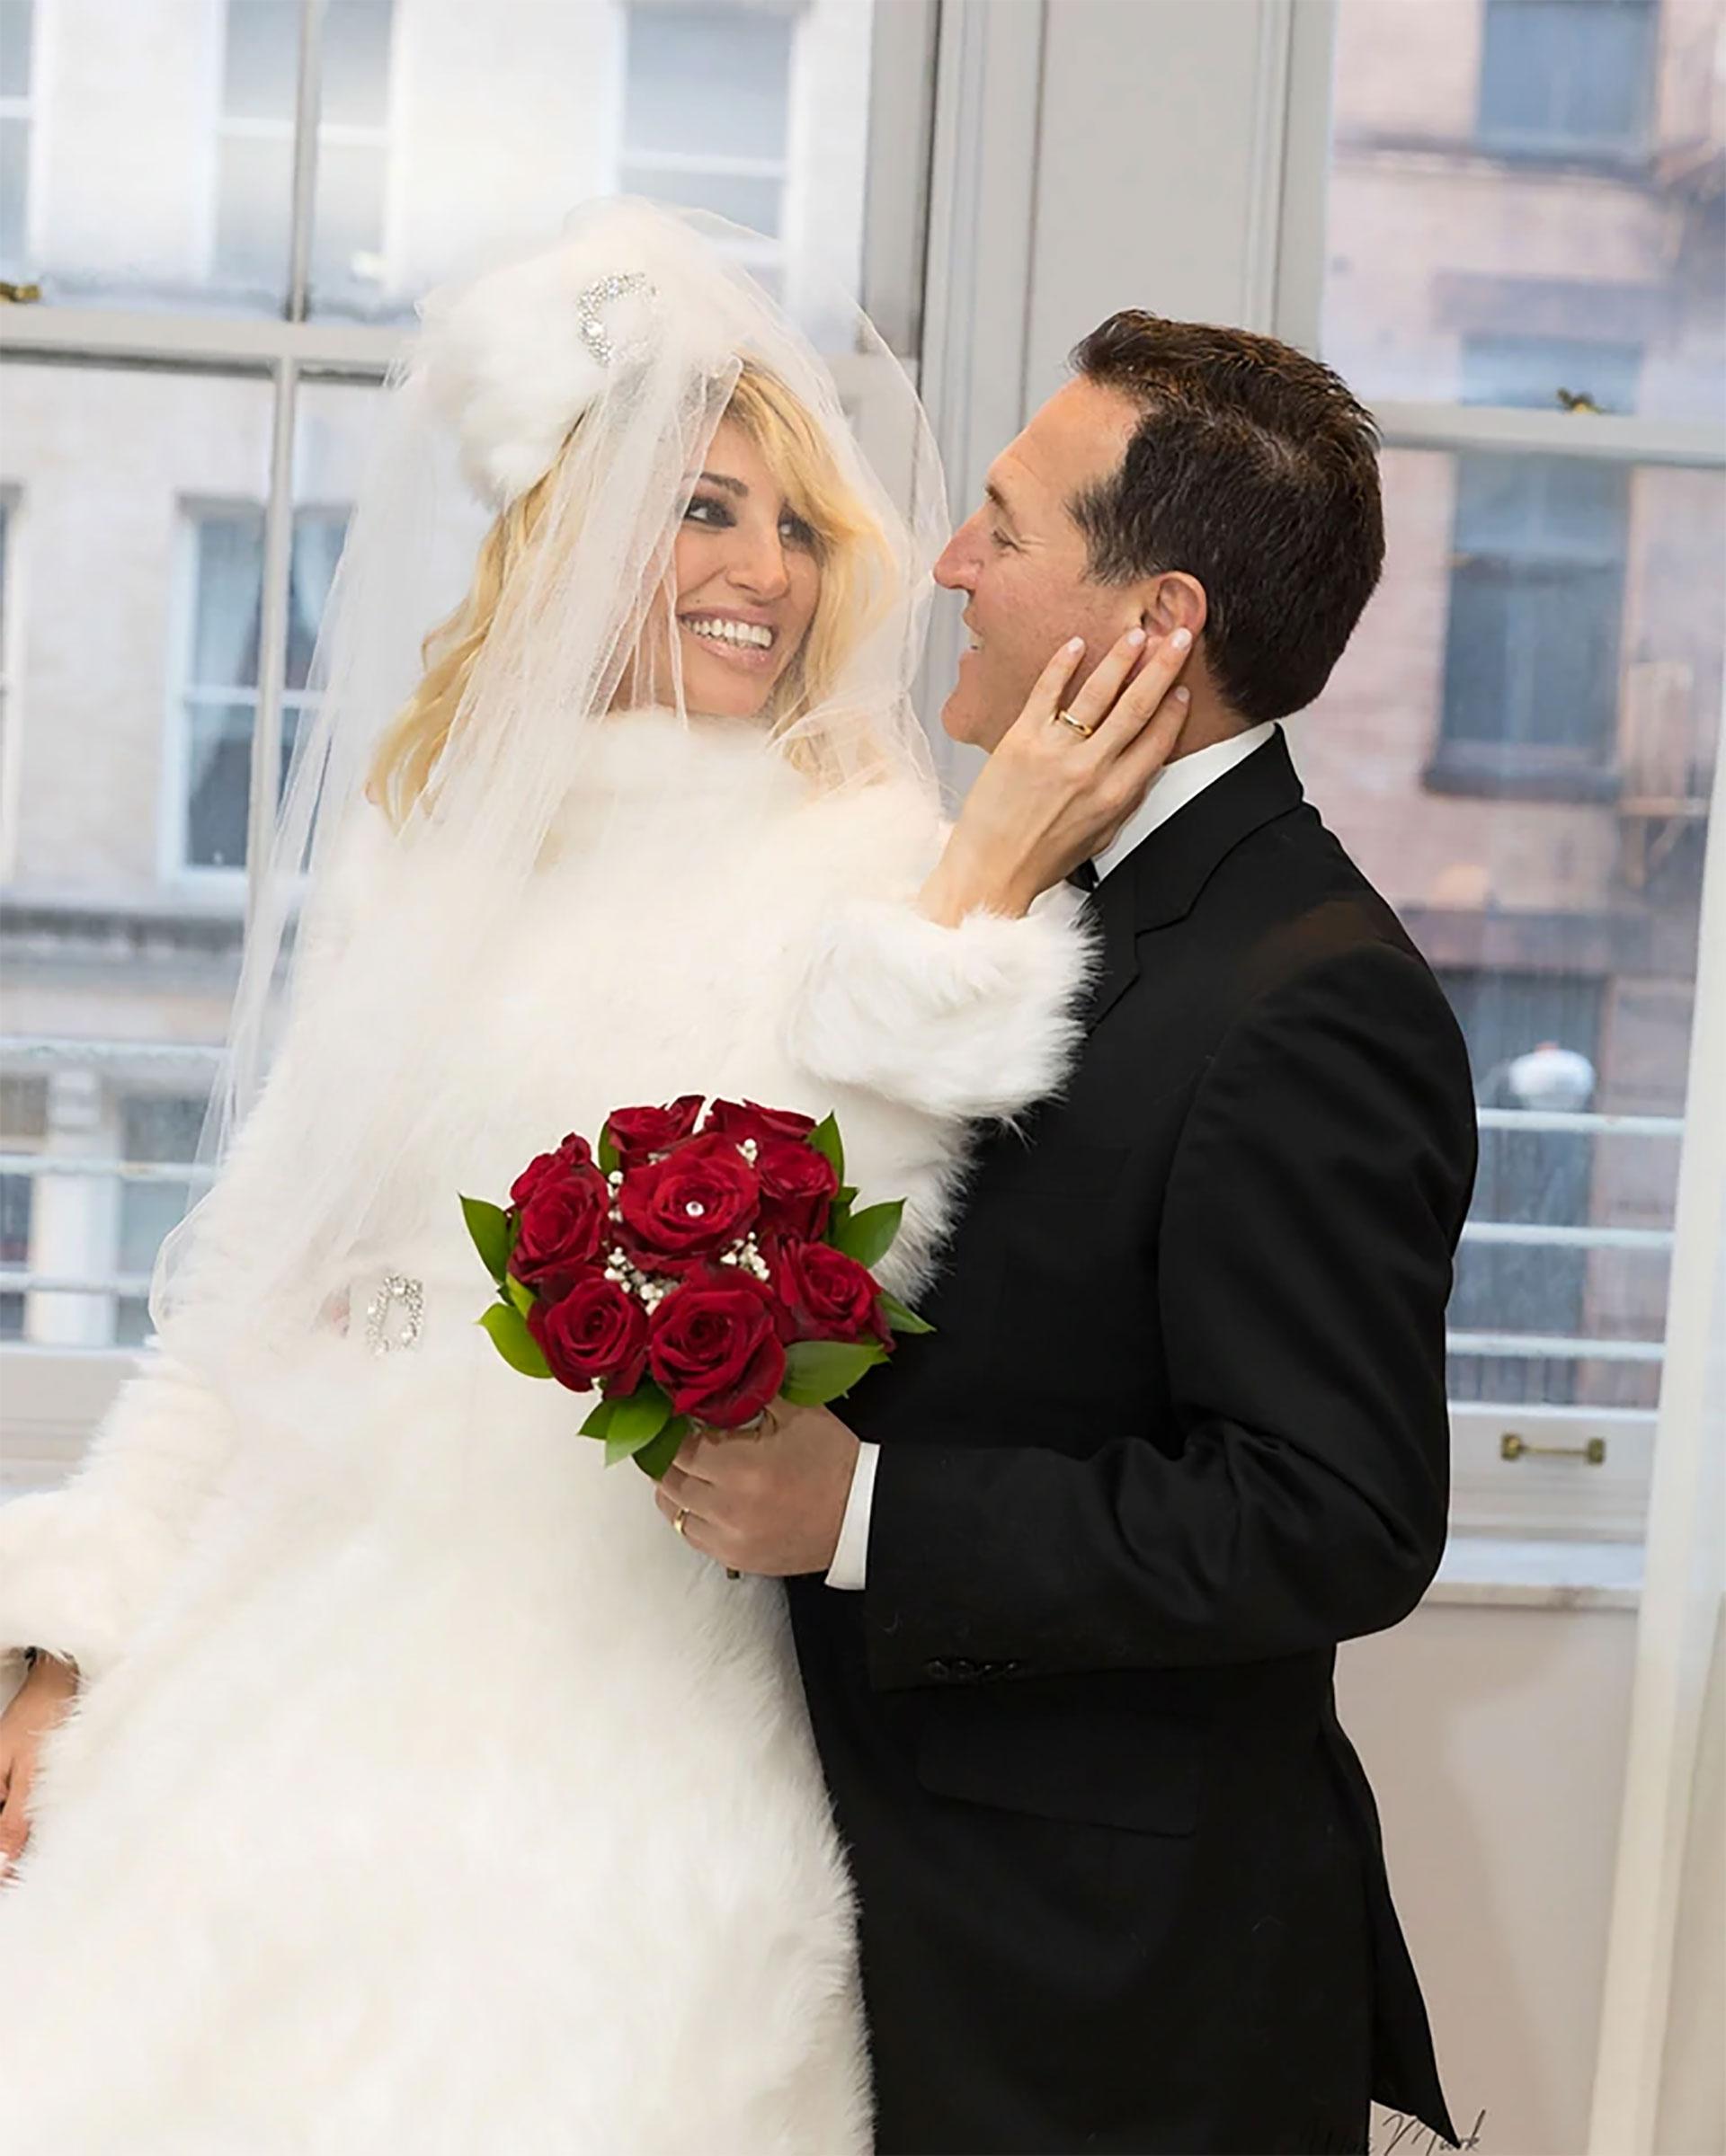 La mediáticase casó en Nueva York en una boda súper secreta con el millonario Javier Naselli y todas las miradas se posaron sobre su vestido de novia, que luego donó para ayudar a un niño que debía realizar un costoso tratamiento con células madre en Tailandia.